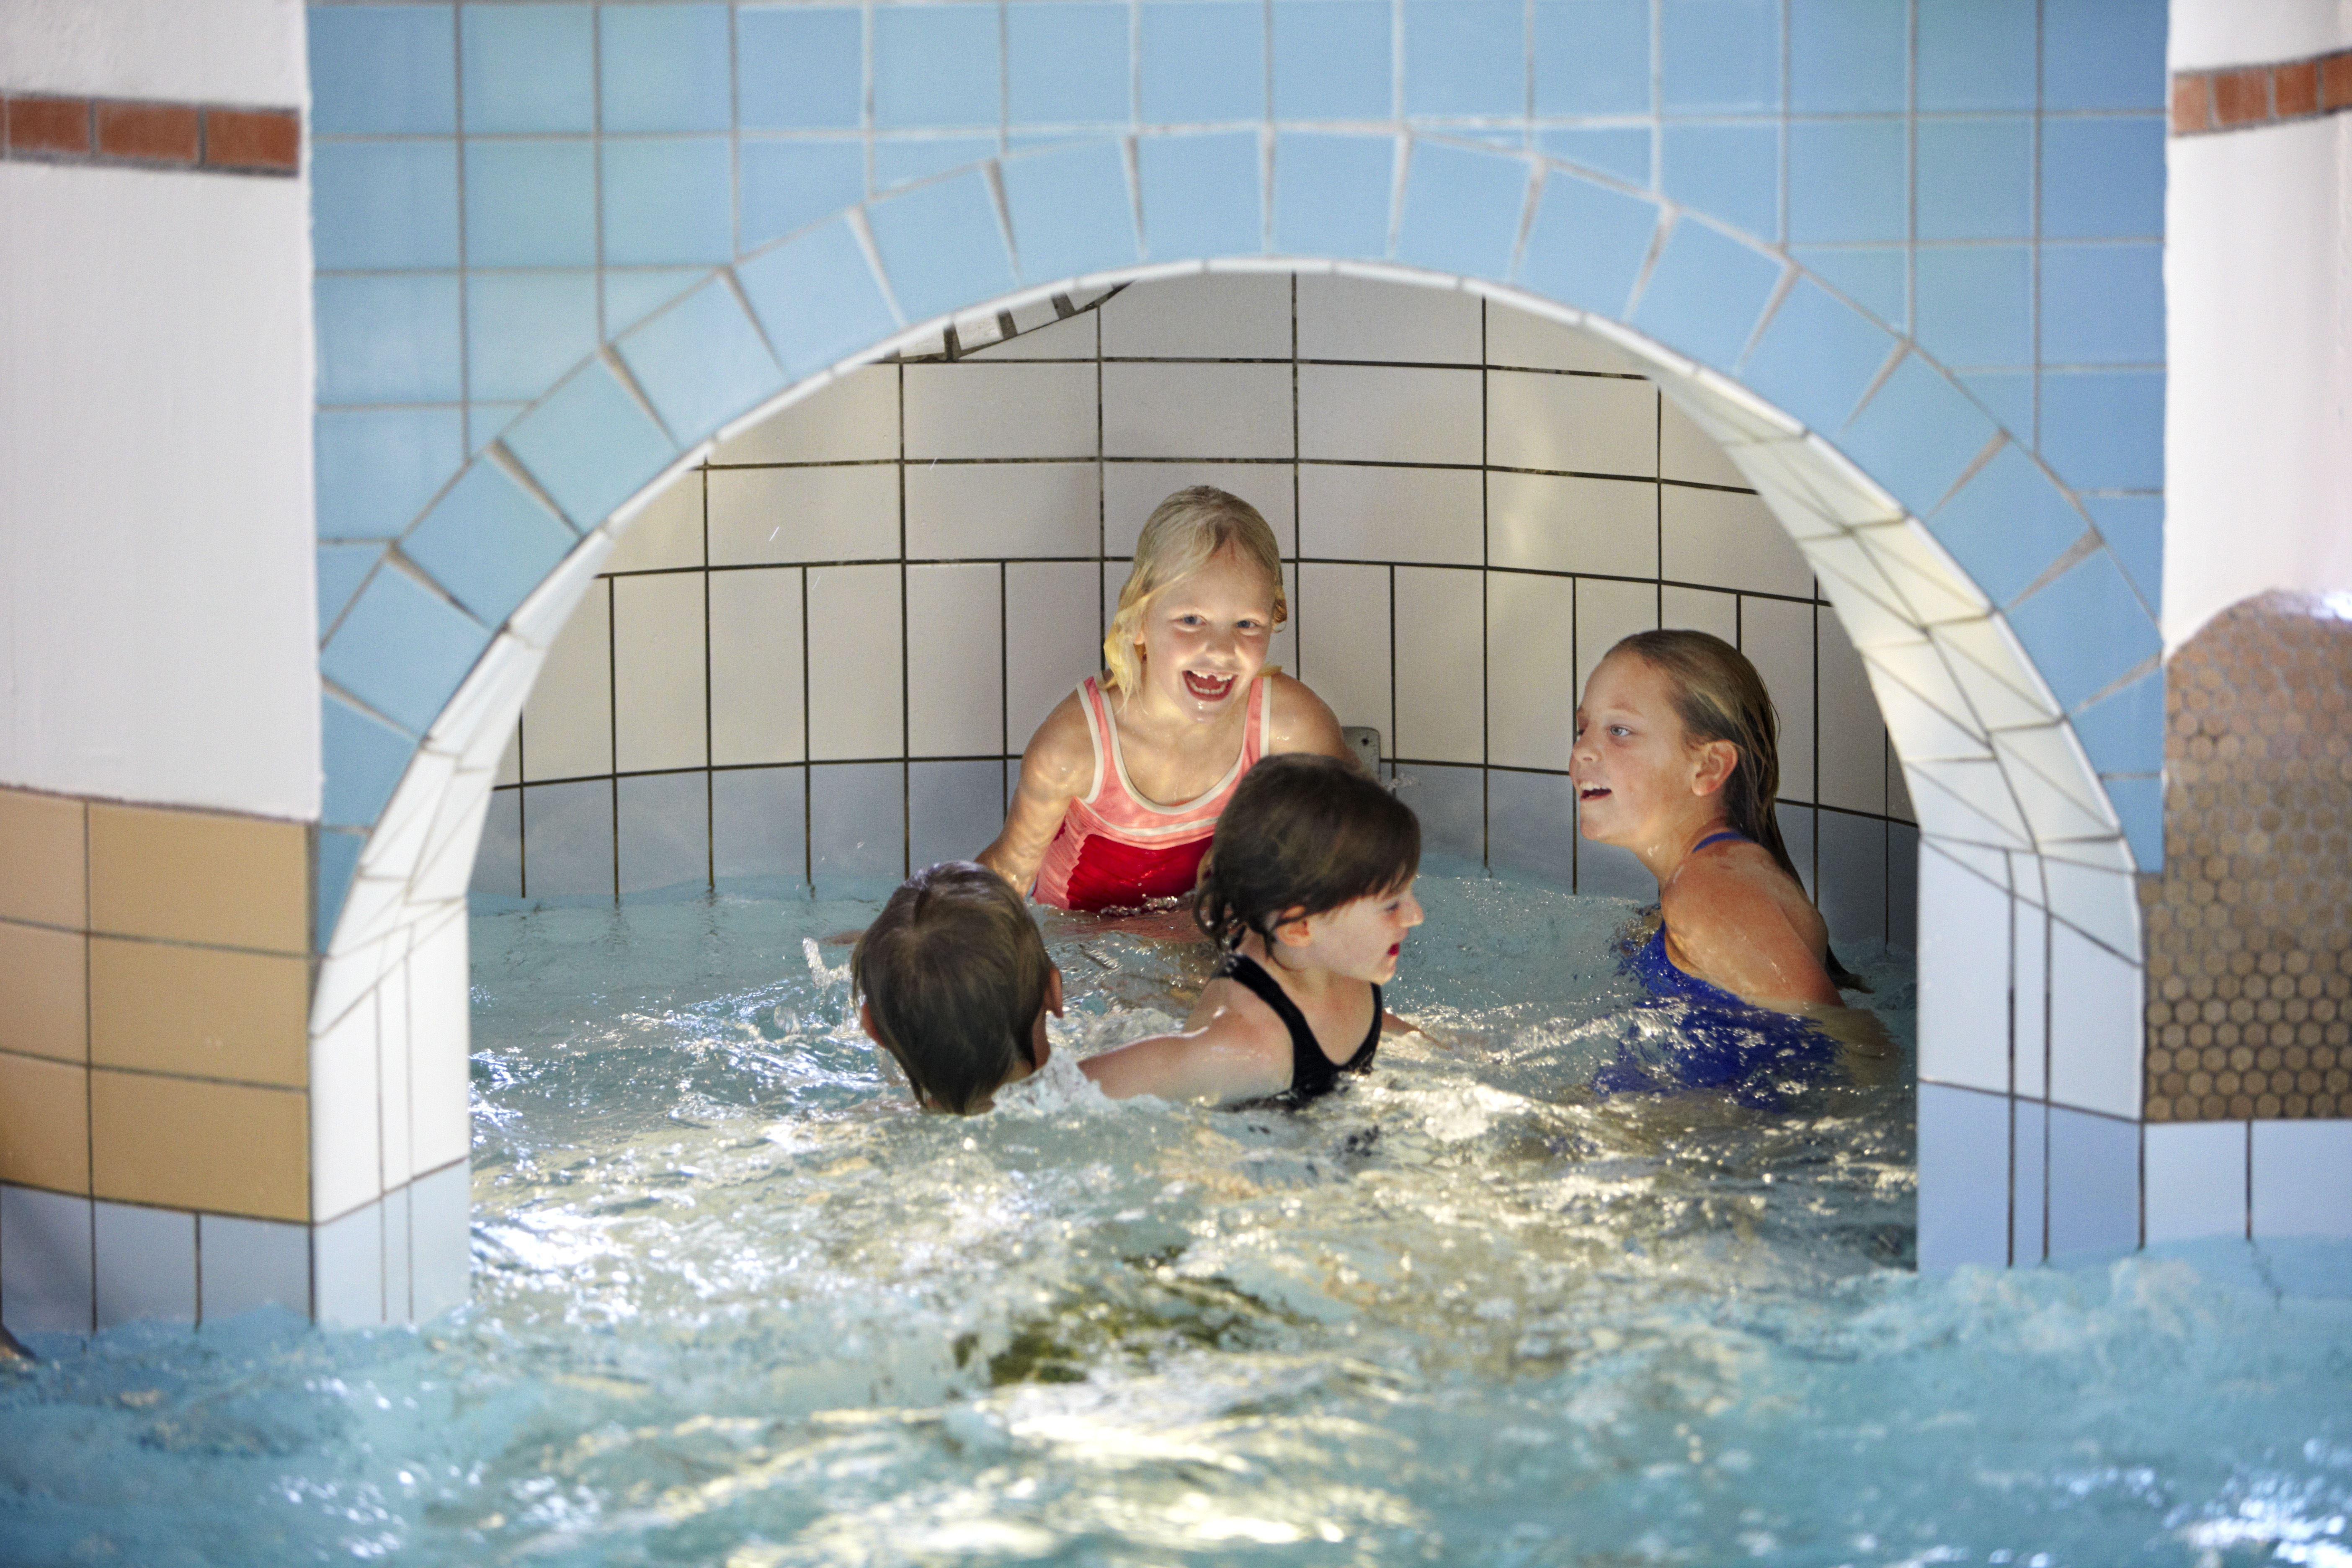 Foto: Anders Ebefeldt/ studio-e.se, Karlslundsbadet - Indoor water park